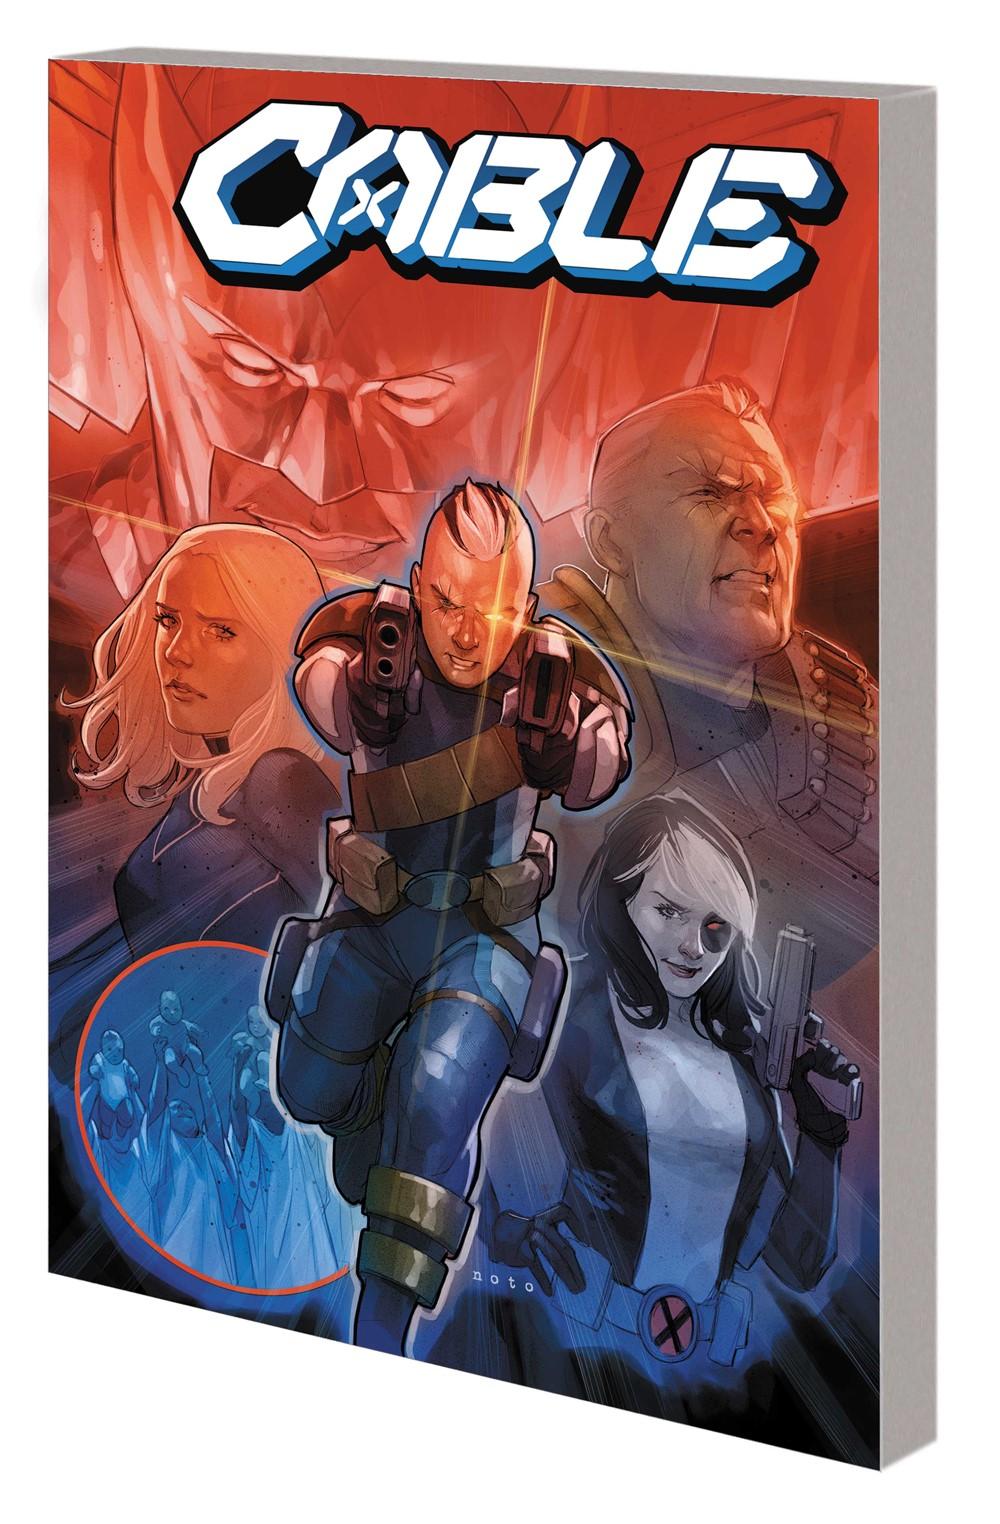 CABLE_VOL_2_TPB Marvel Comics September 2021 Solicitations